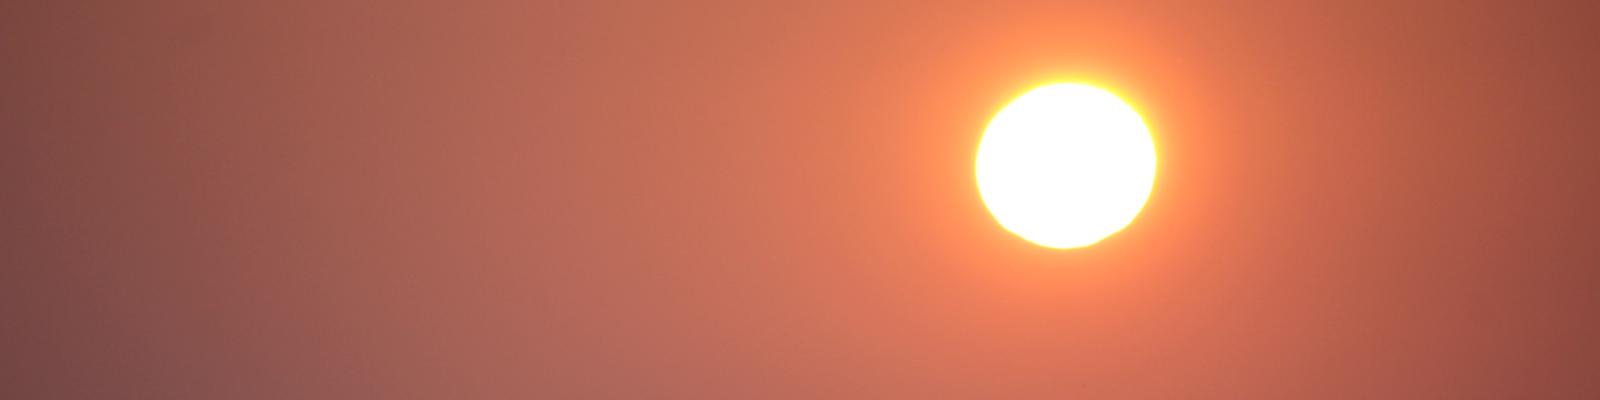 IMG_5738-1600x4-Sunset